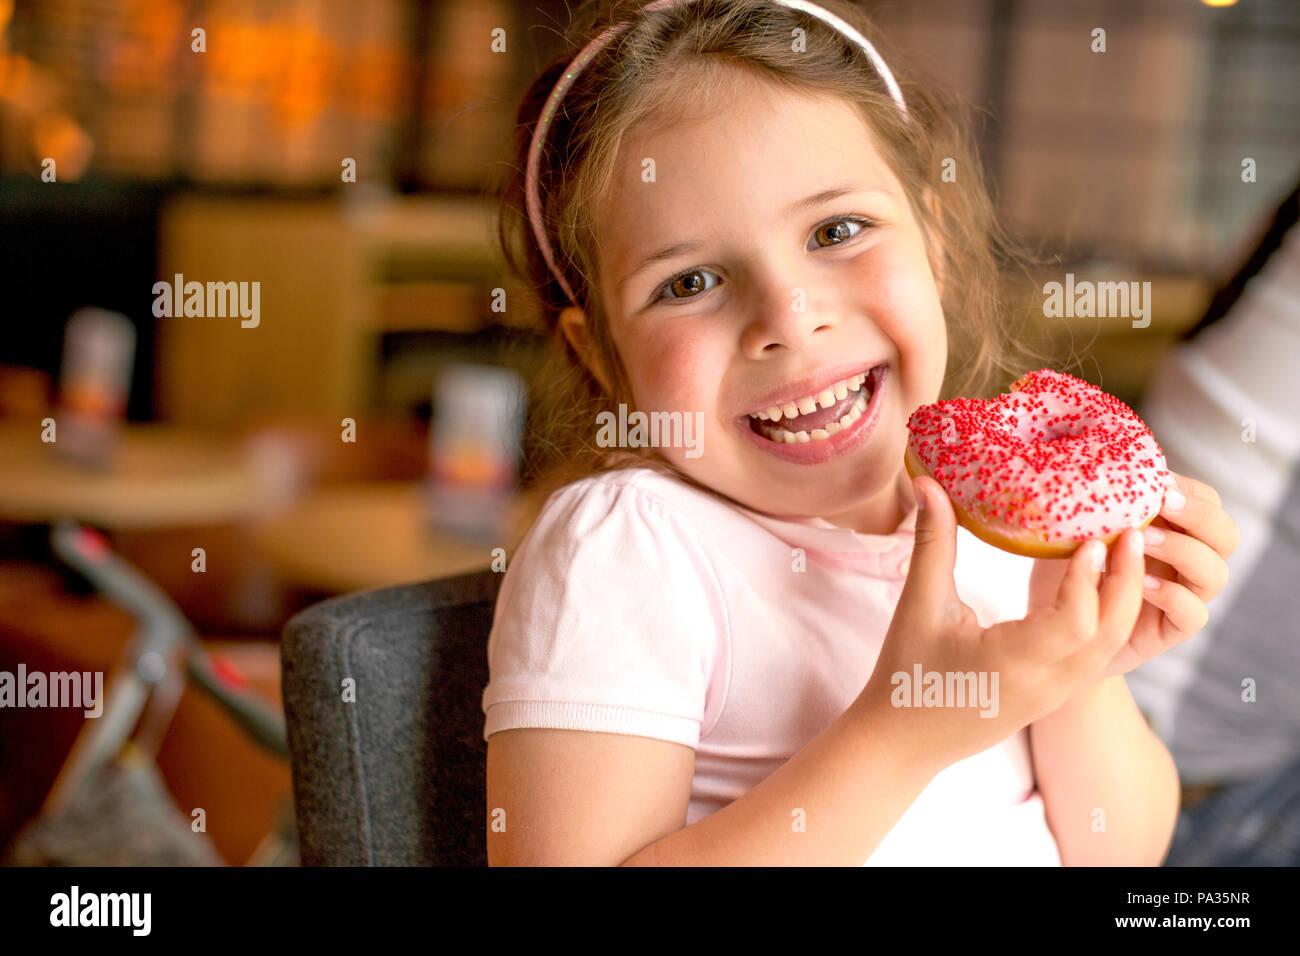 Happy girl essen Kuchen in einem Cafe. Schädliche süße Speisen. Trends in der Nahrung. Platz kopieren Stockbild